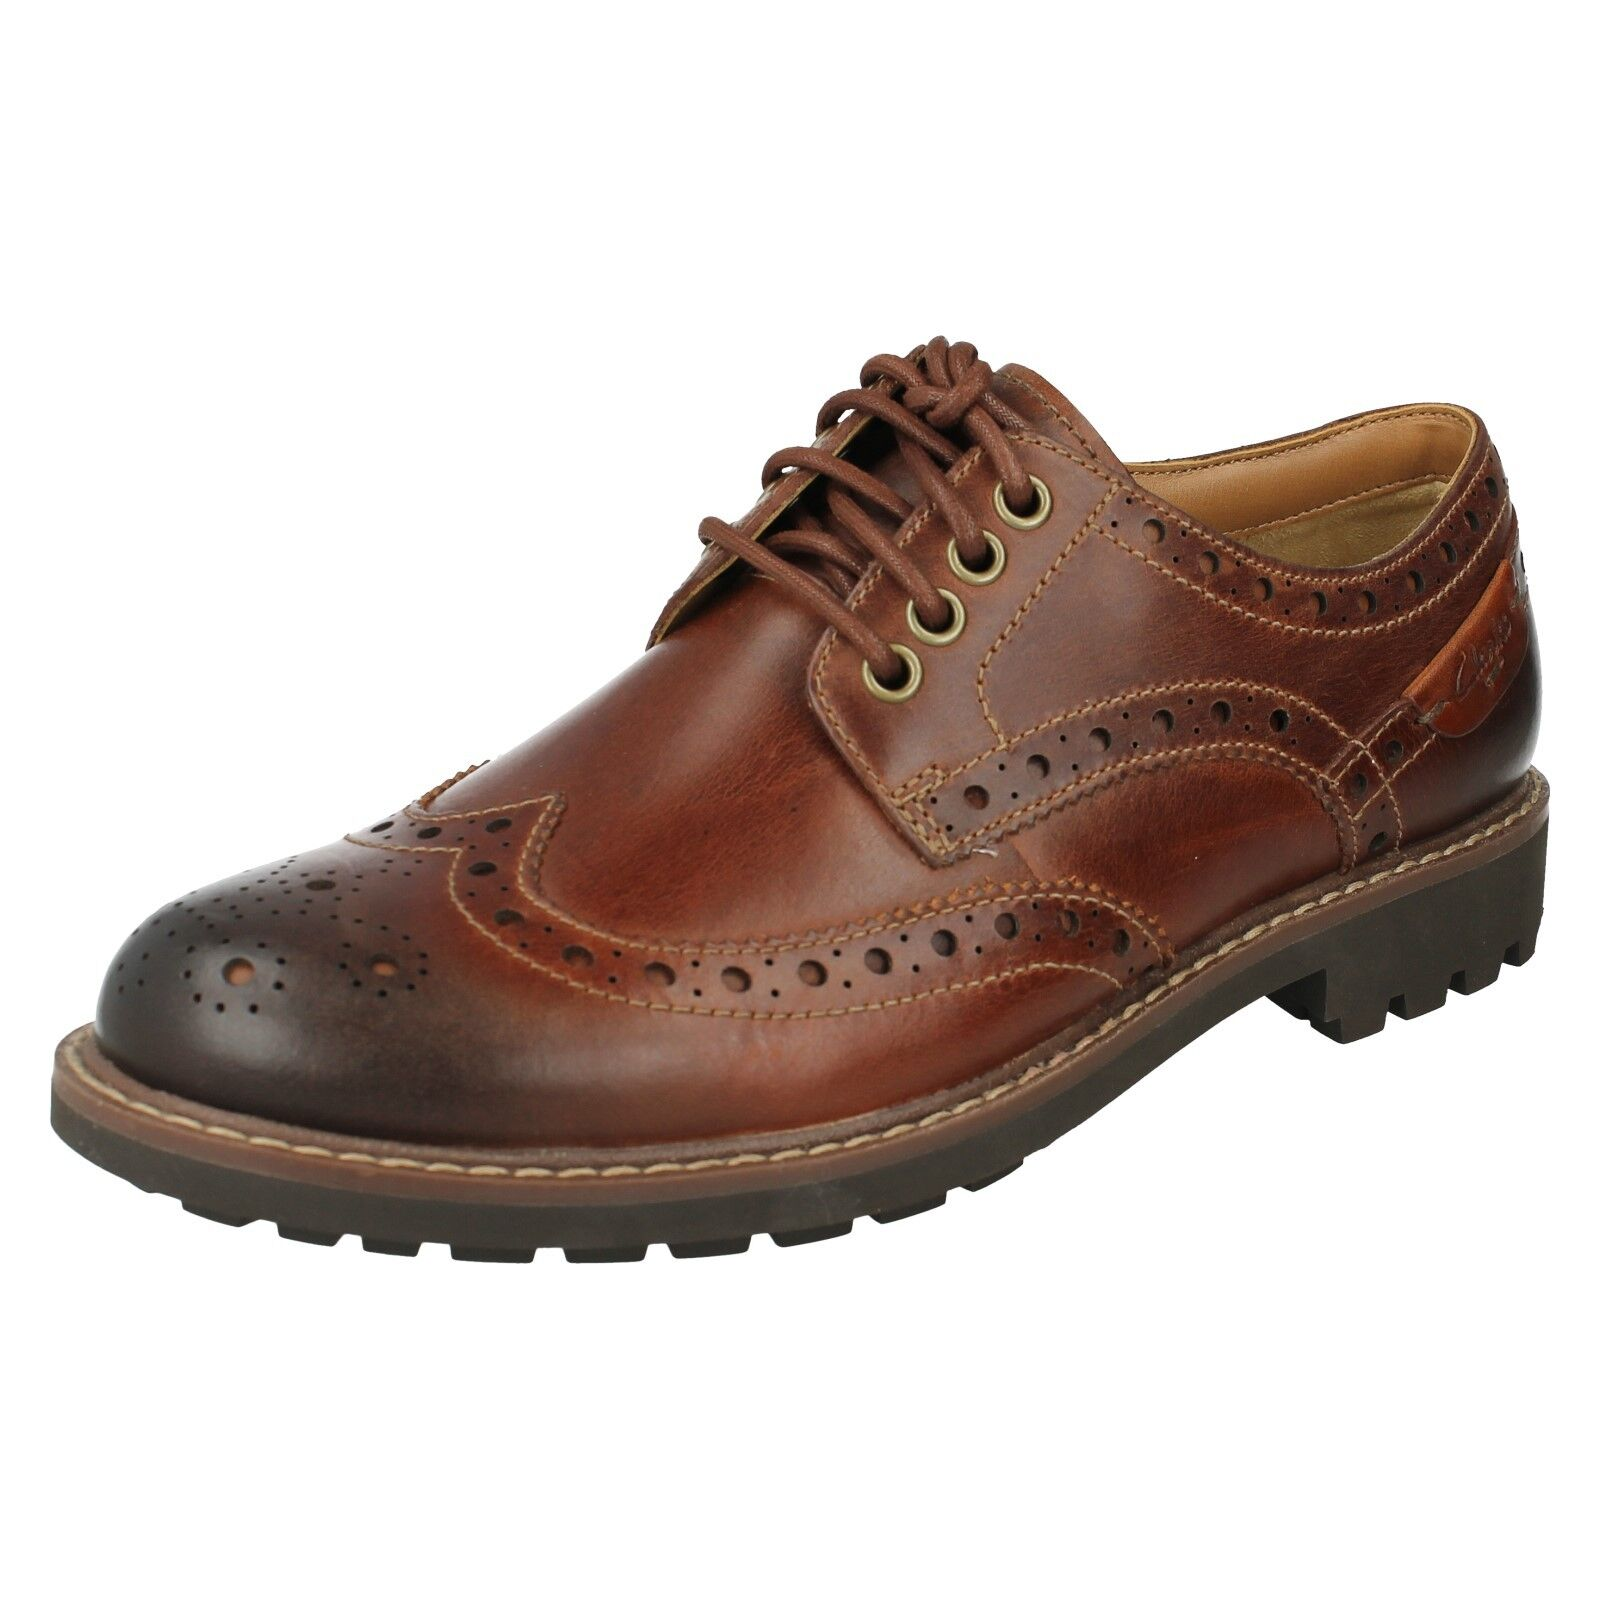 Uomo Clarks Brogue eleganti in pelle marrone scuro Scarpe formali stringate Scarpe classiche da uomo